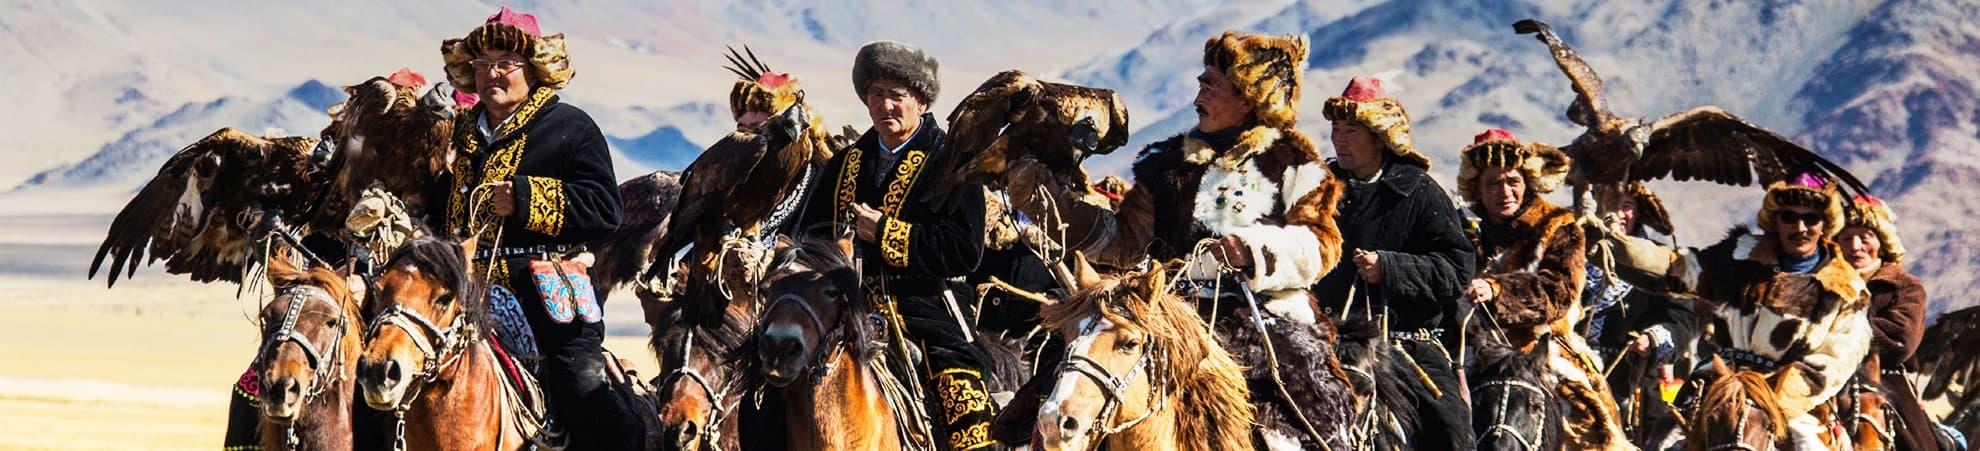 Tous nos voyages Asie centrale par thématique